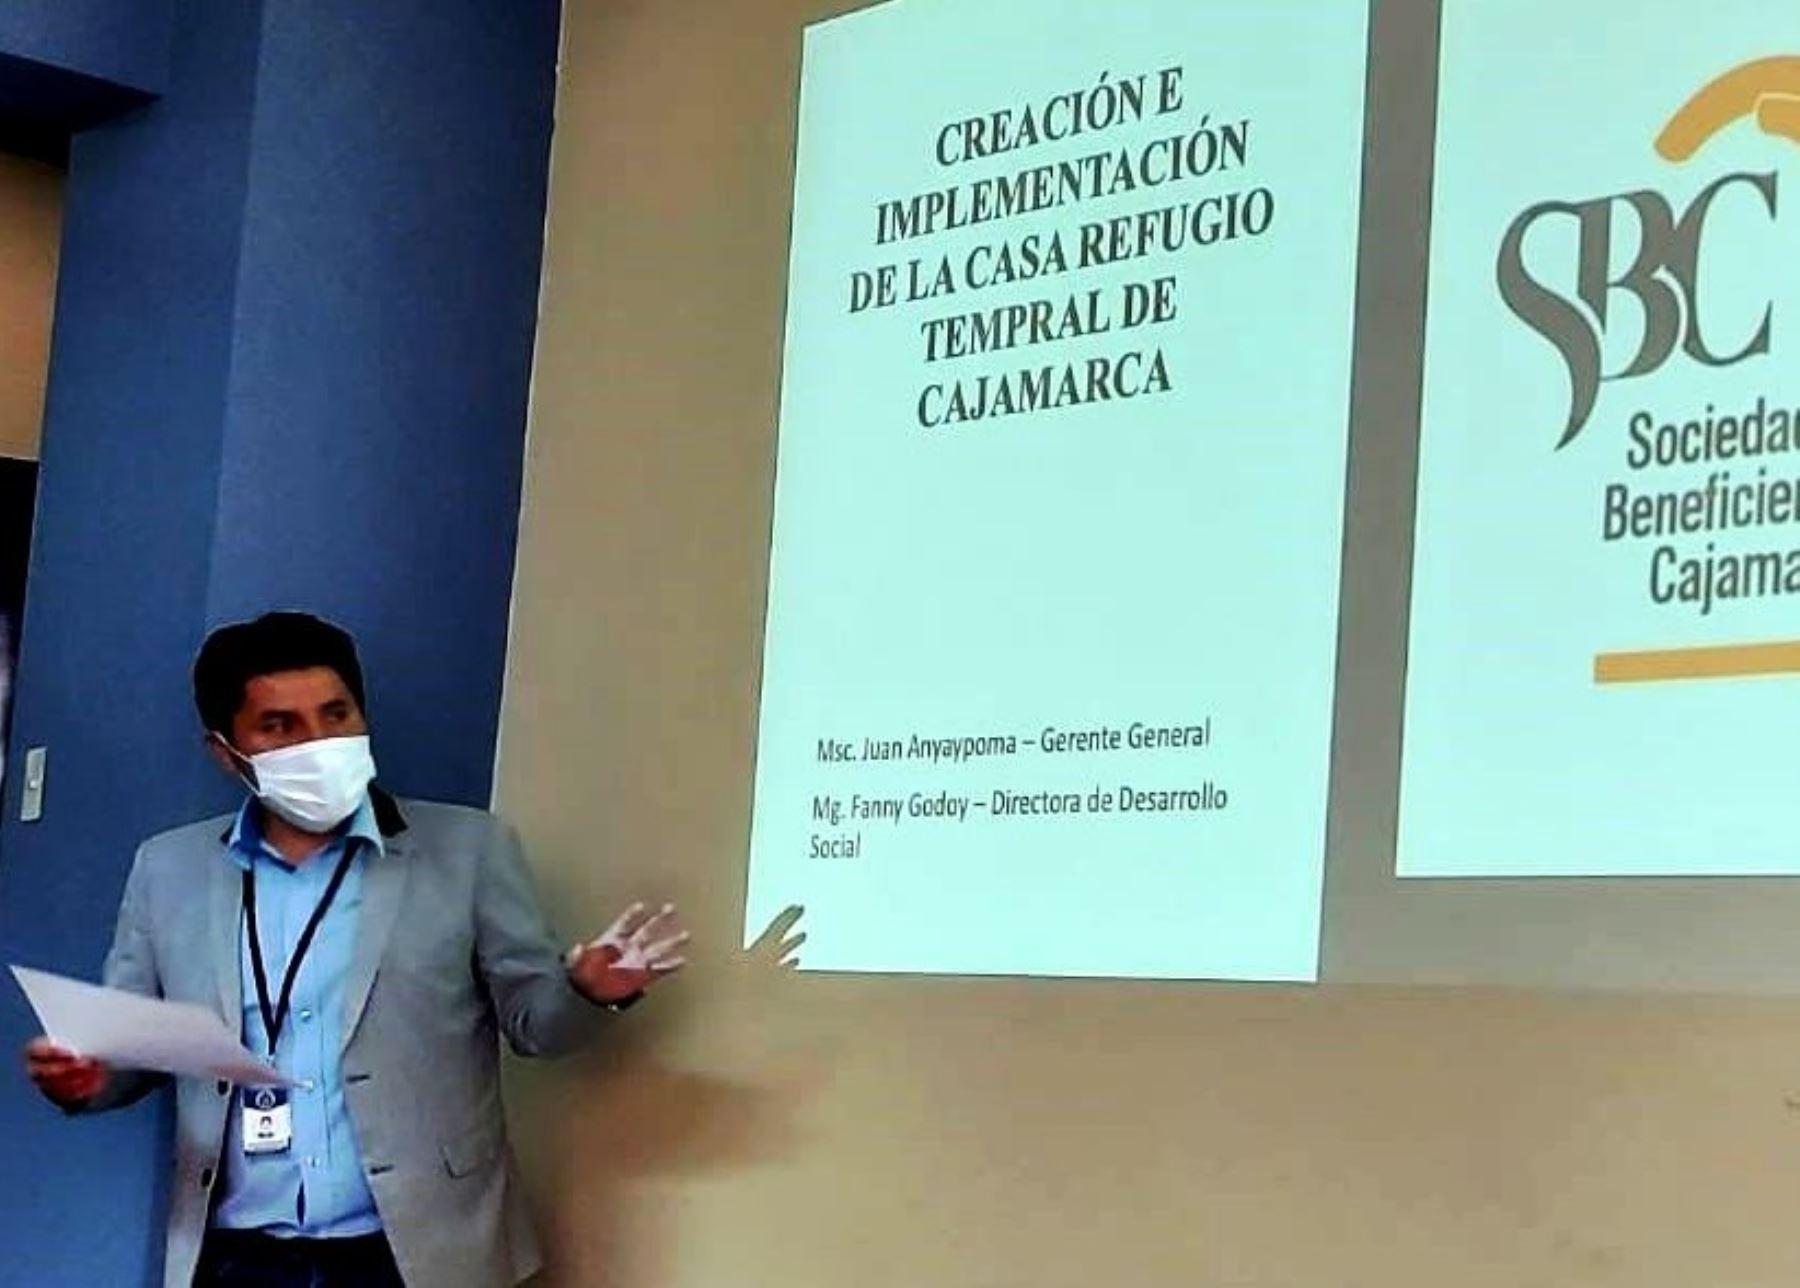 Beneficiencia de Cajamarca implementará casa refugio que atenderá a las mujeres víctimas de la violencia. Foto: ANDINA/difusión.